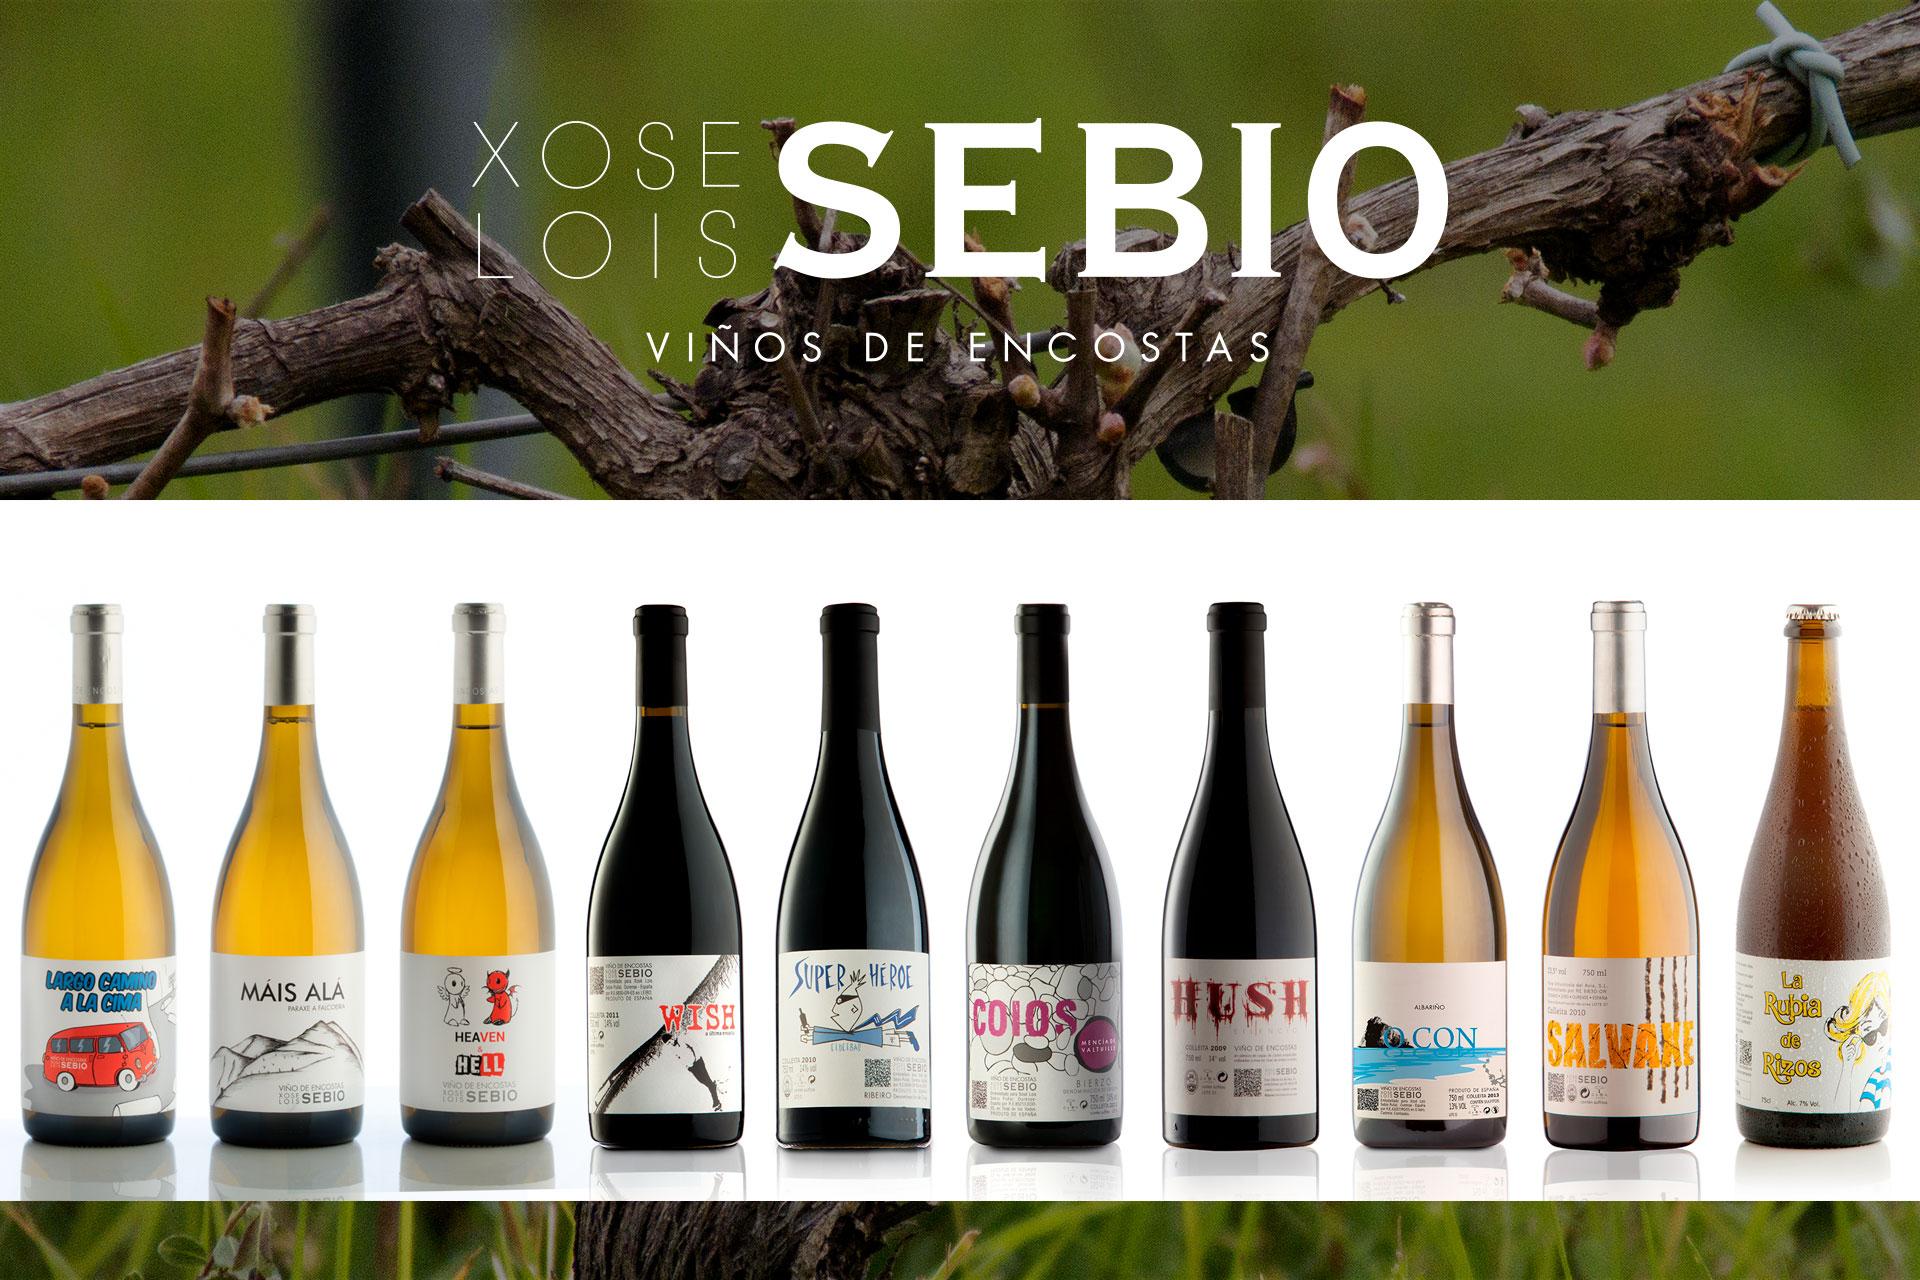 xlsebio-vinos-2017